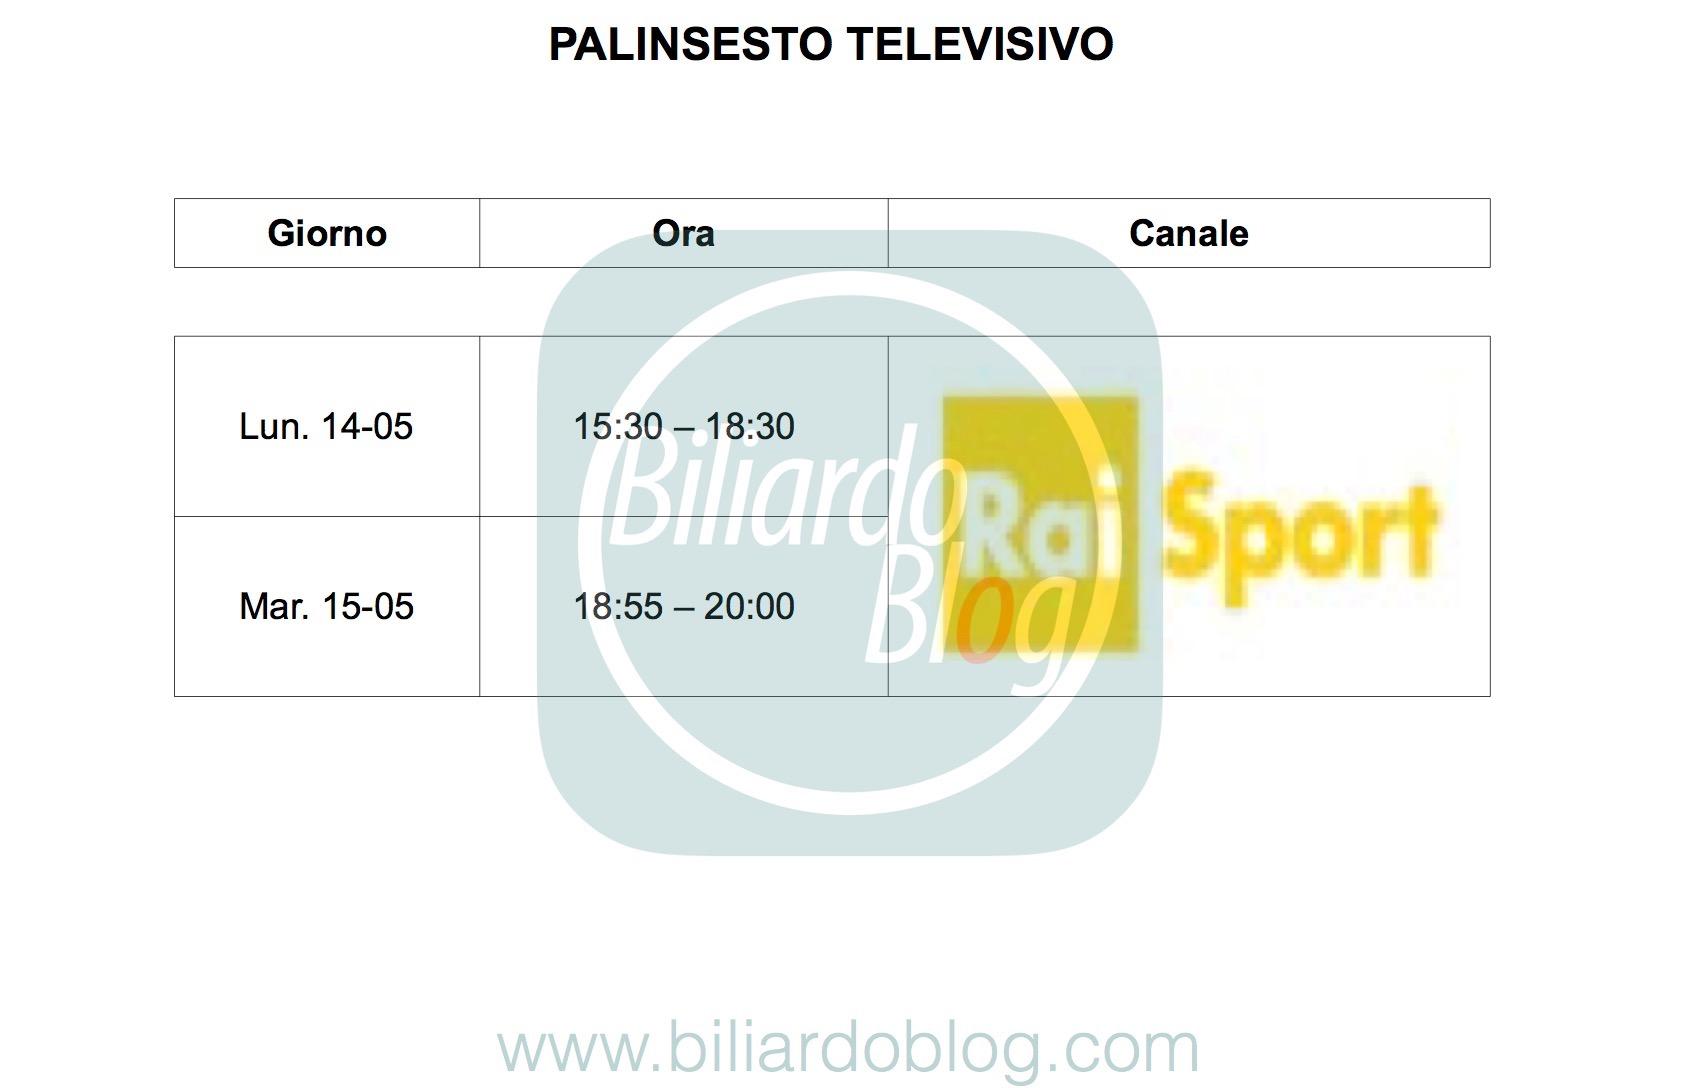 Quinta Tappa Campionato Biliardo 2017 2018: il palinsesto